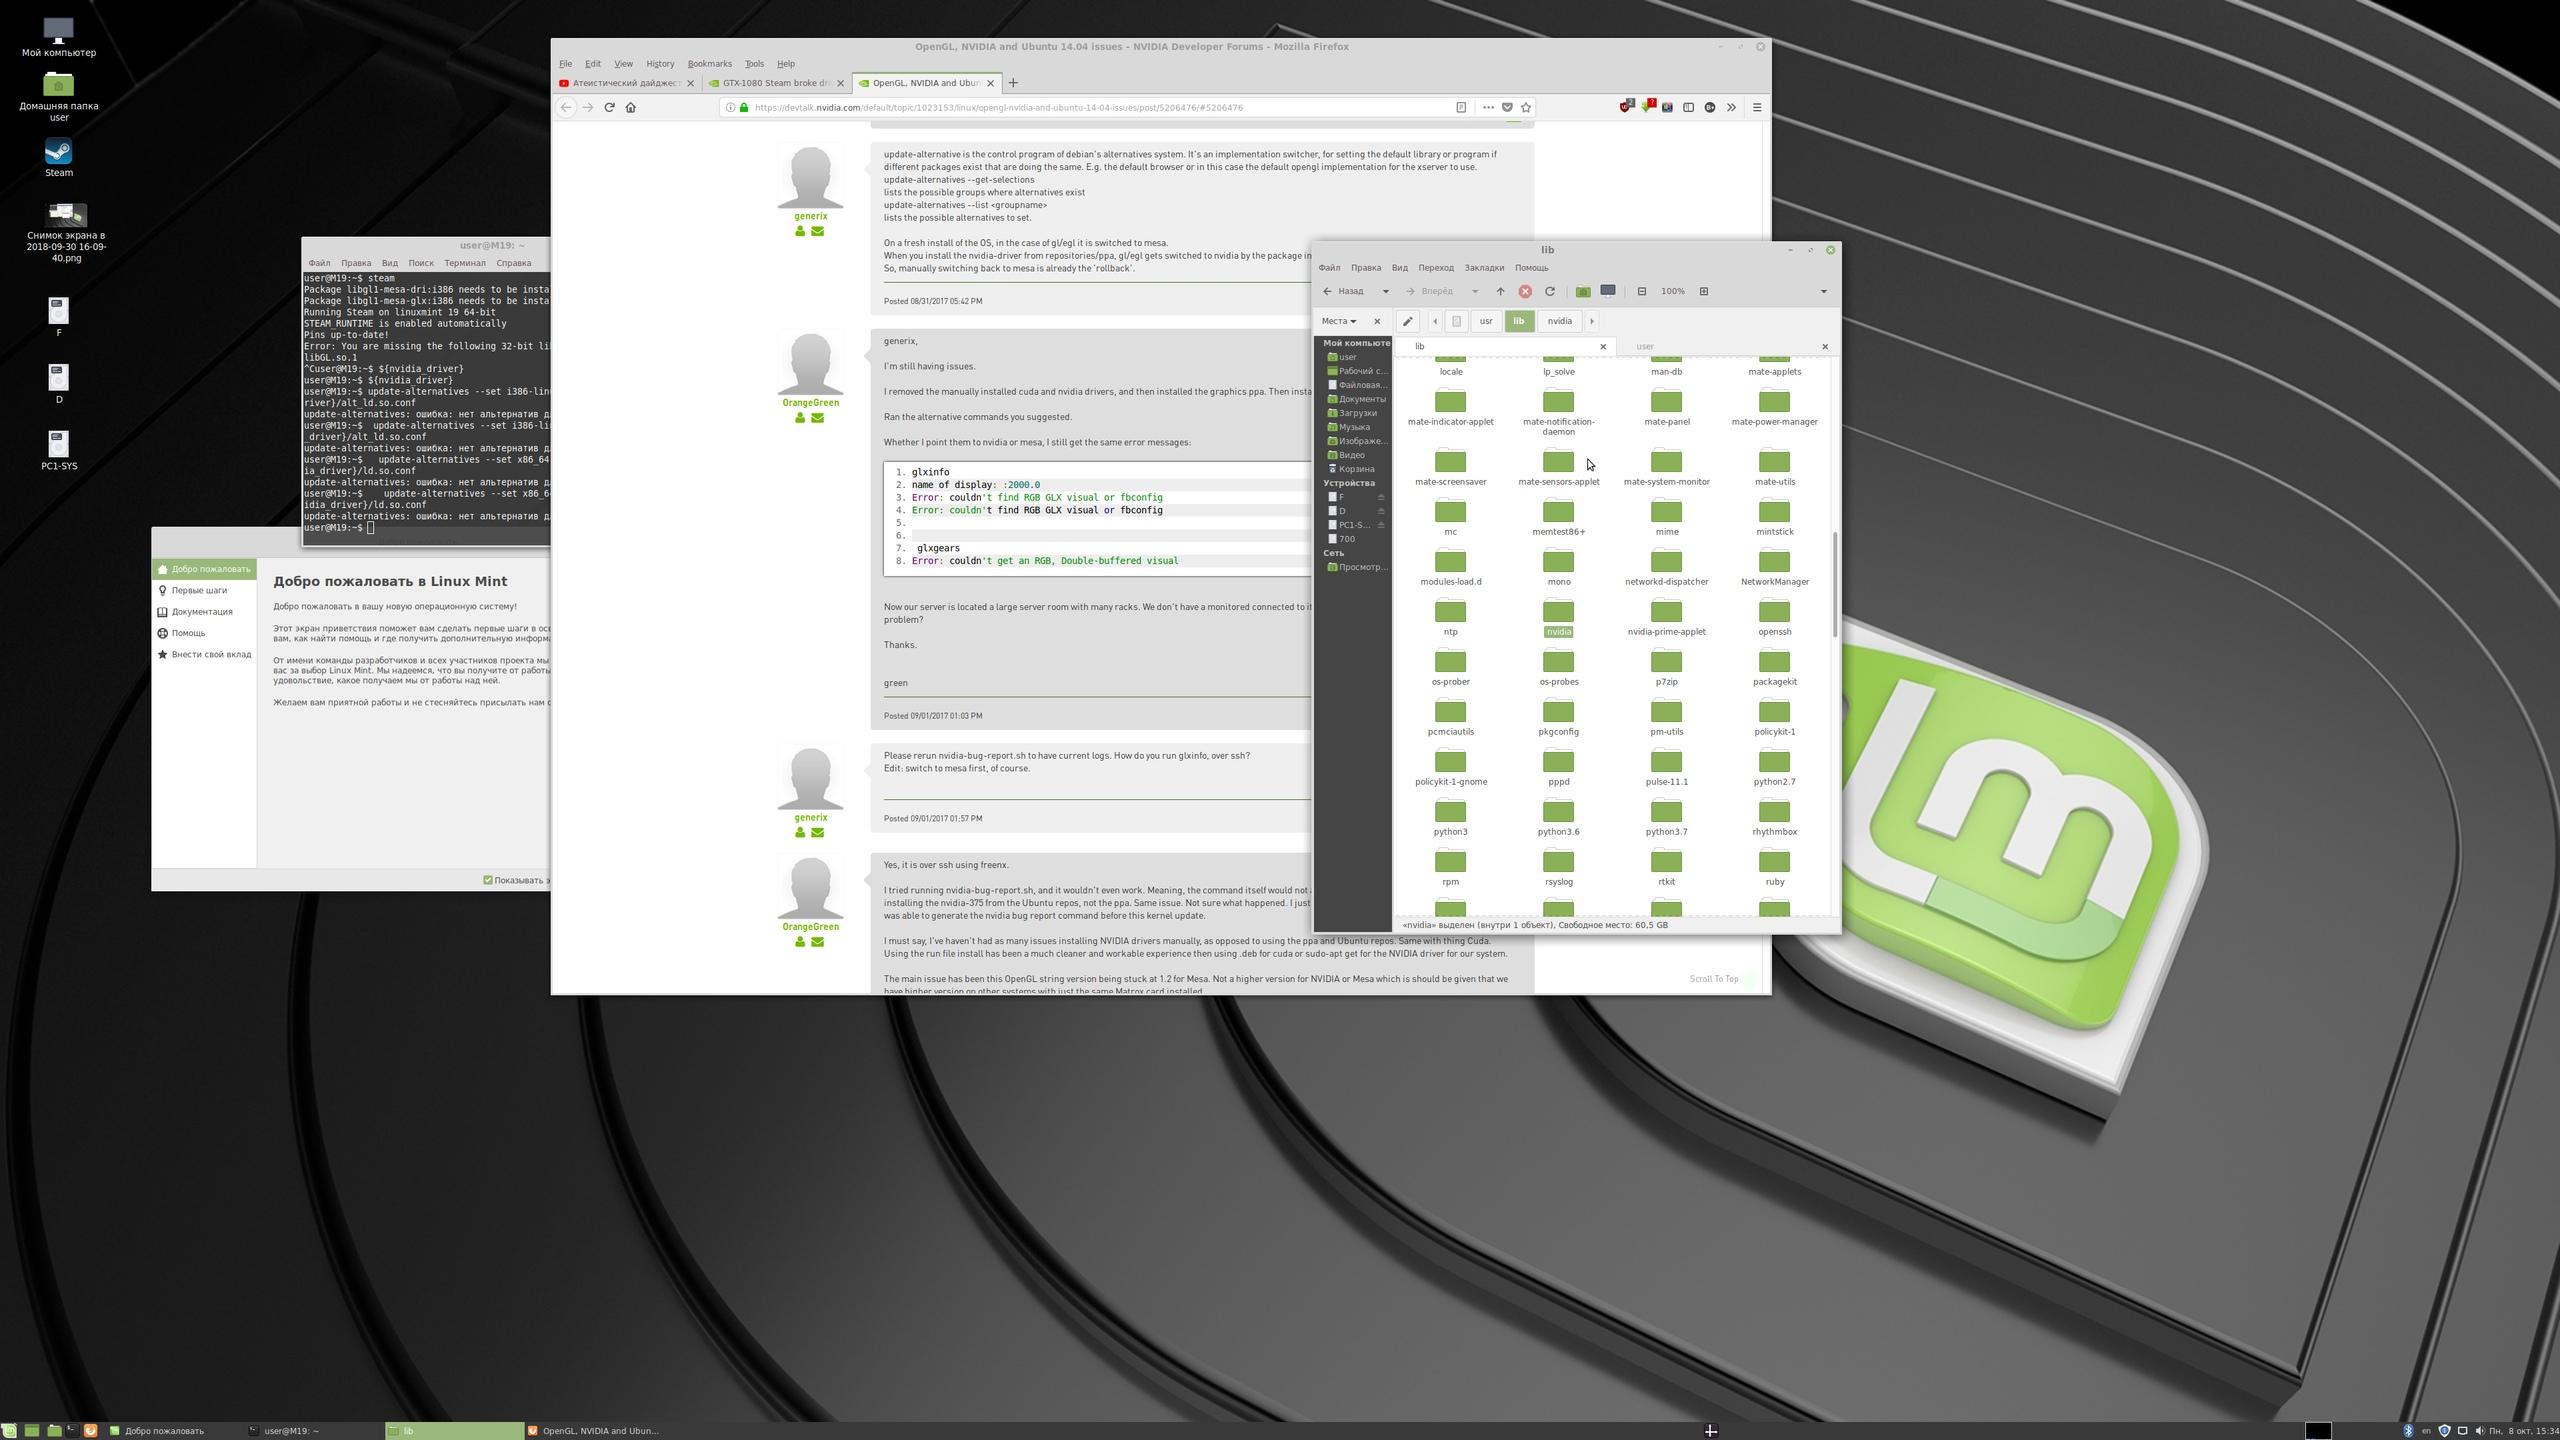 GTX 1060 + Mint 19 x64 where 32bit libs?? Failed to load libGL